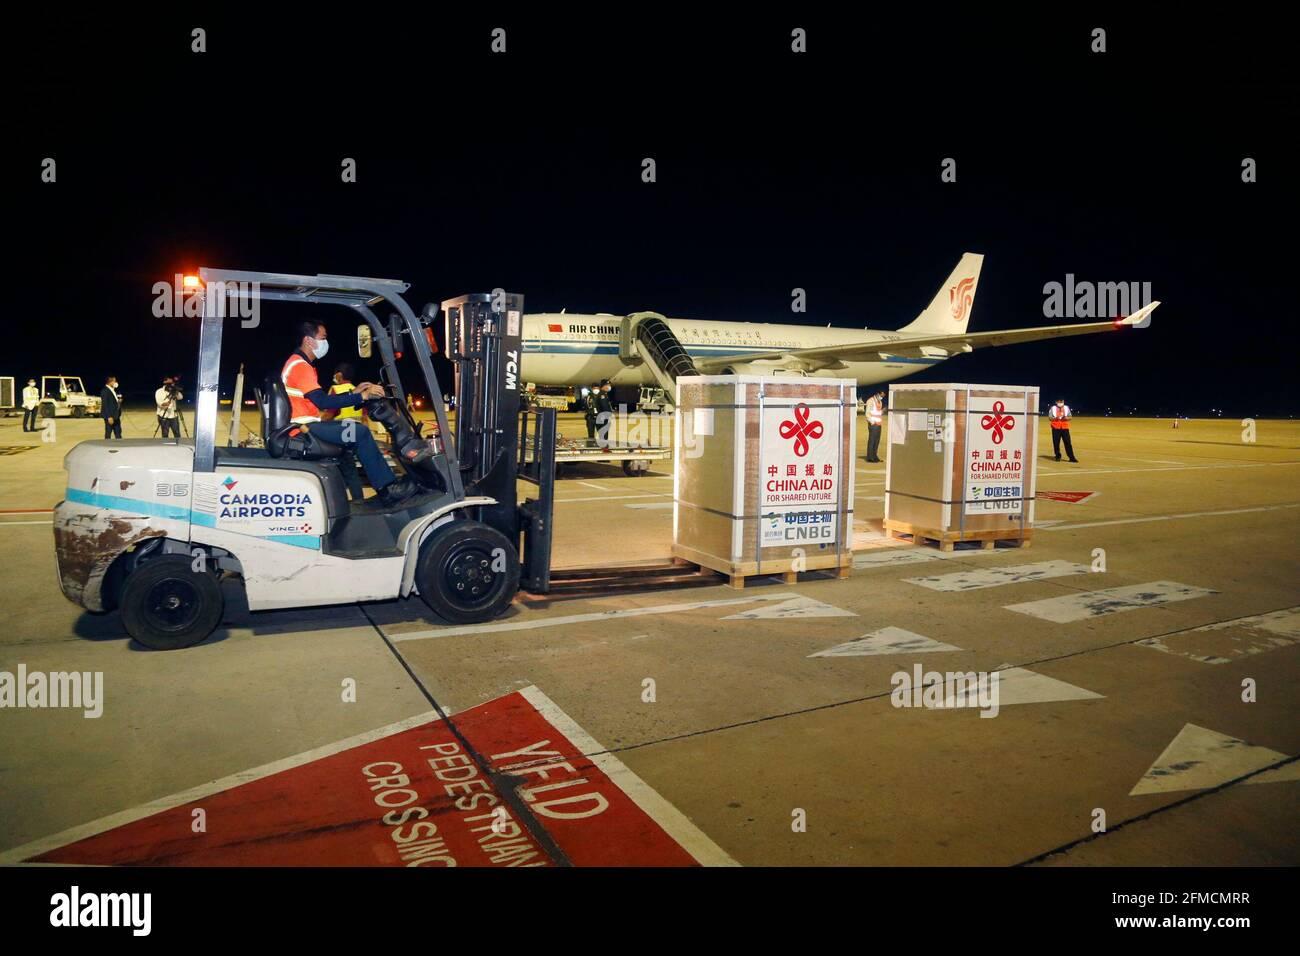 (210508) -- BEIJING, 8 de mayo de 2021 (Xinhua) -- UN trabajador transporta la vacuna Sinopharm COVID-19 en el Aeropuerto Internacional de Phnom Penh, Camboya, 28 de abril de 2021. (Foto por Phearum/Xinhua) Foto de stock